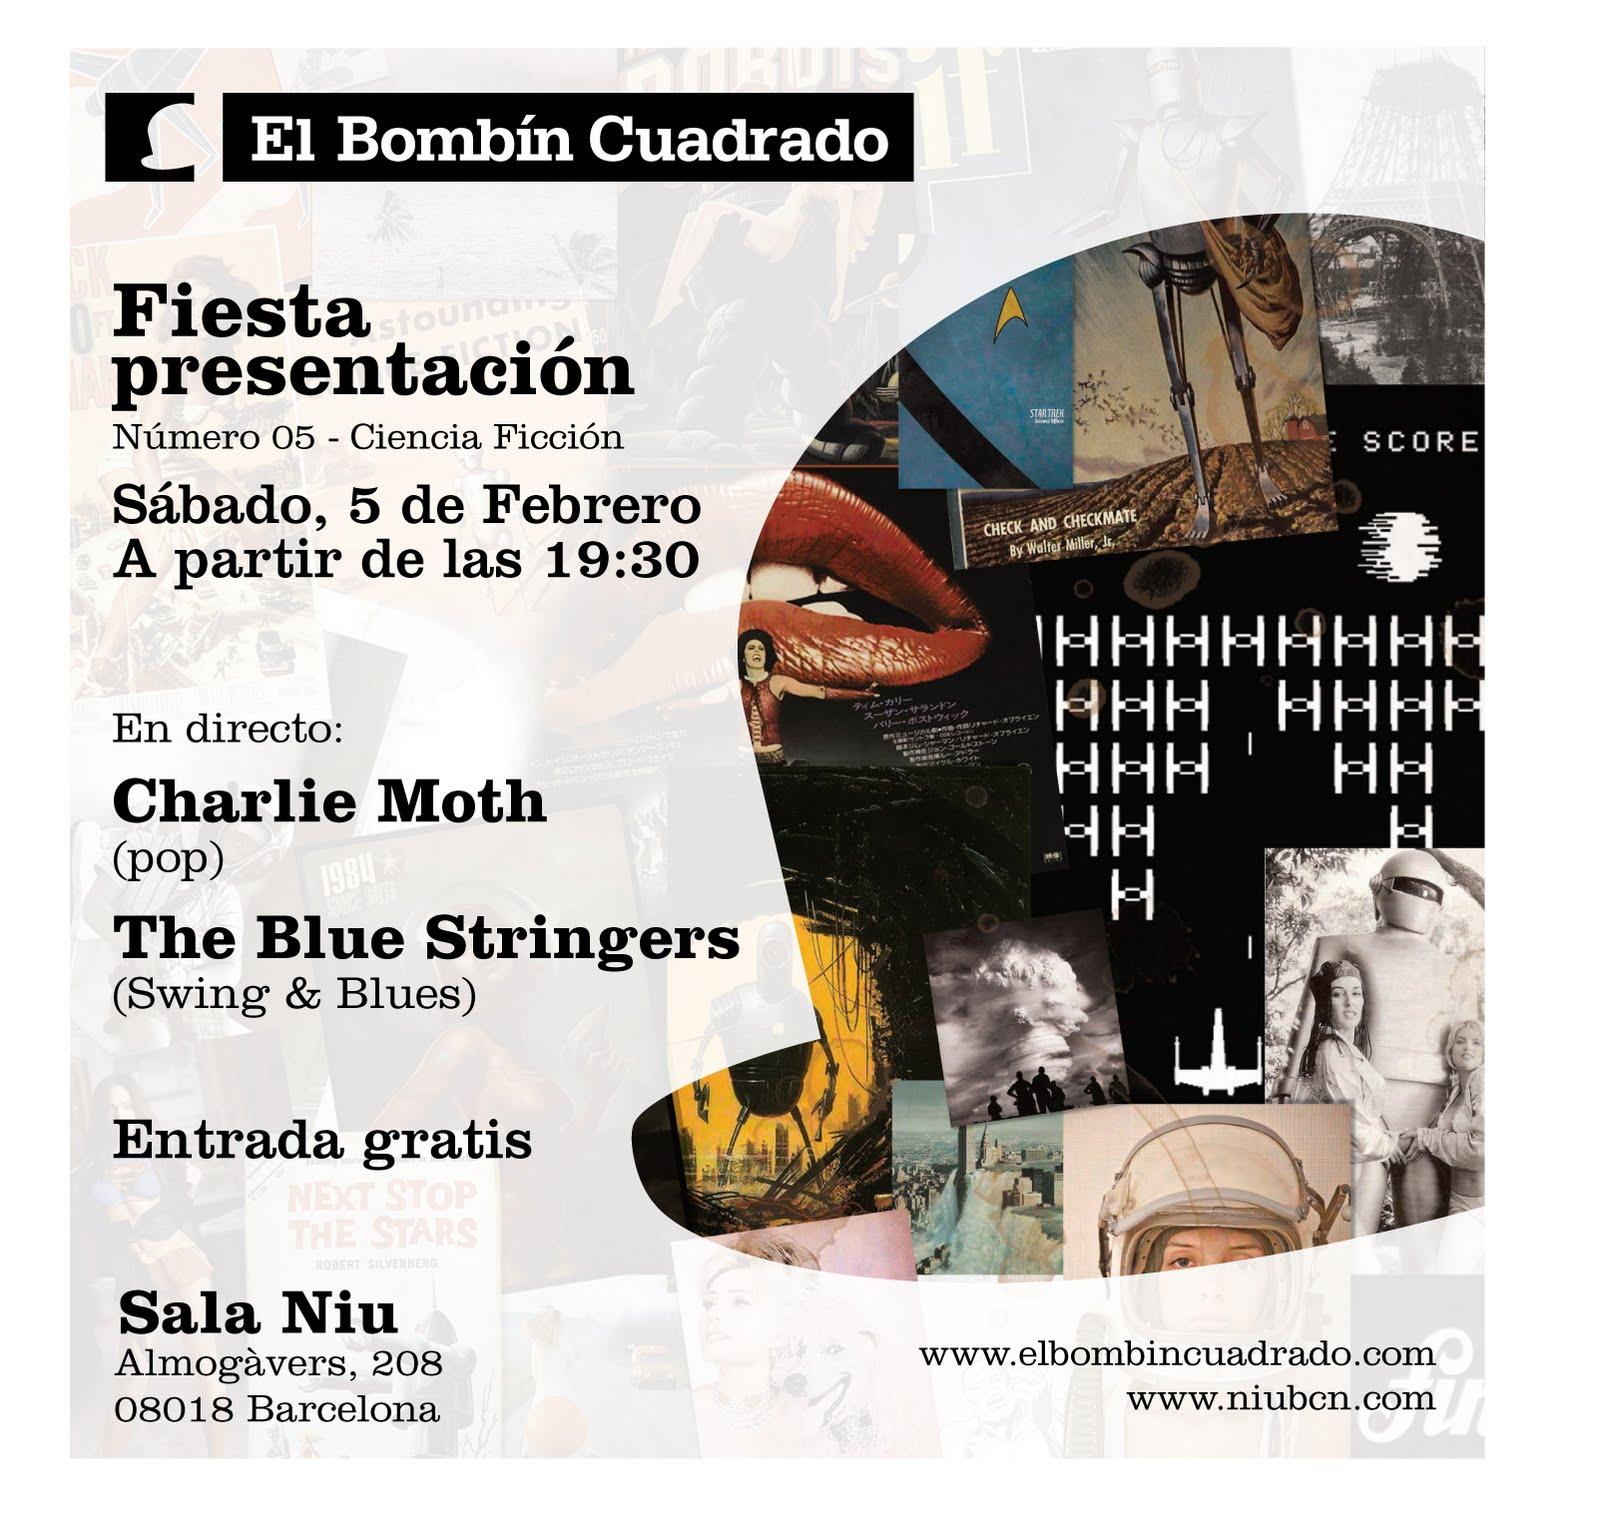 encajabaja   Diseño periodístico, Prensa: febrero 2011